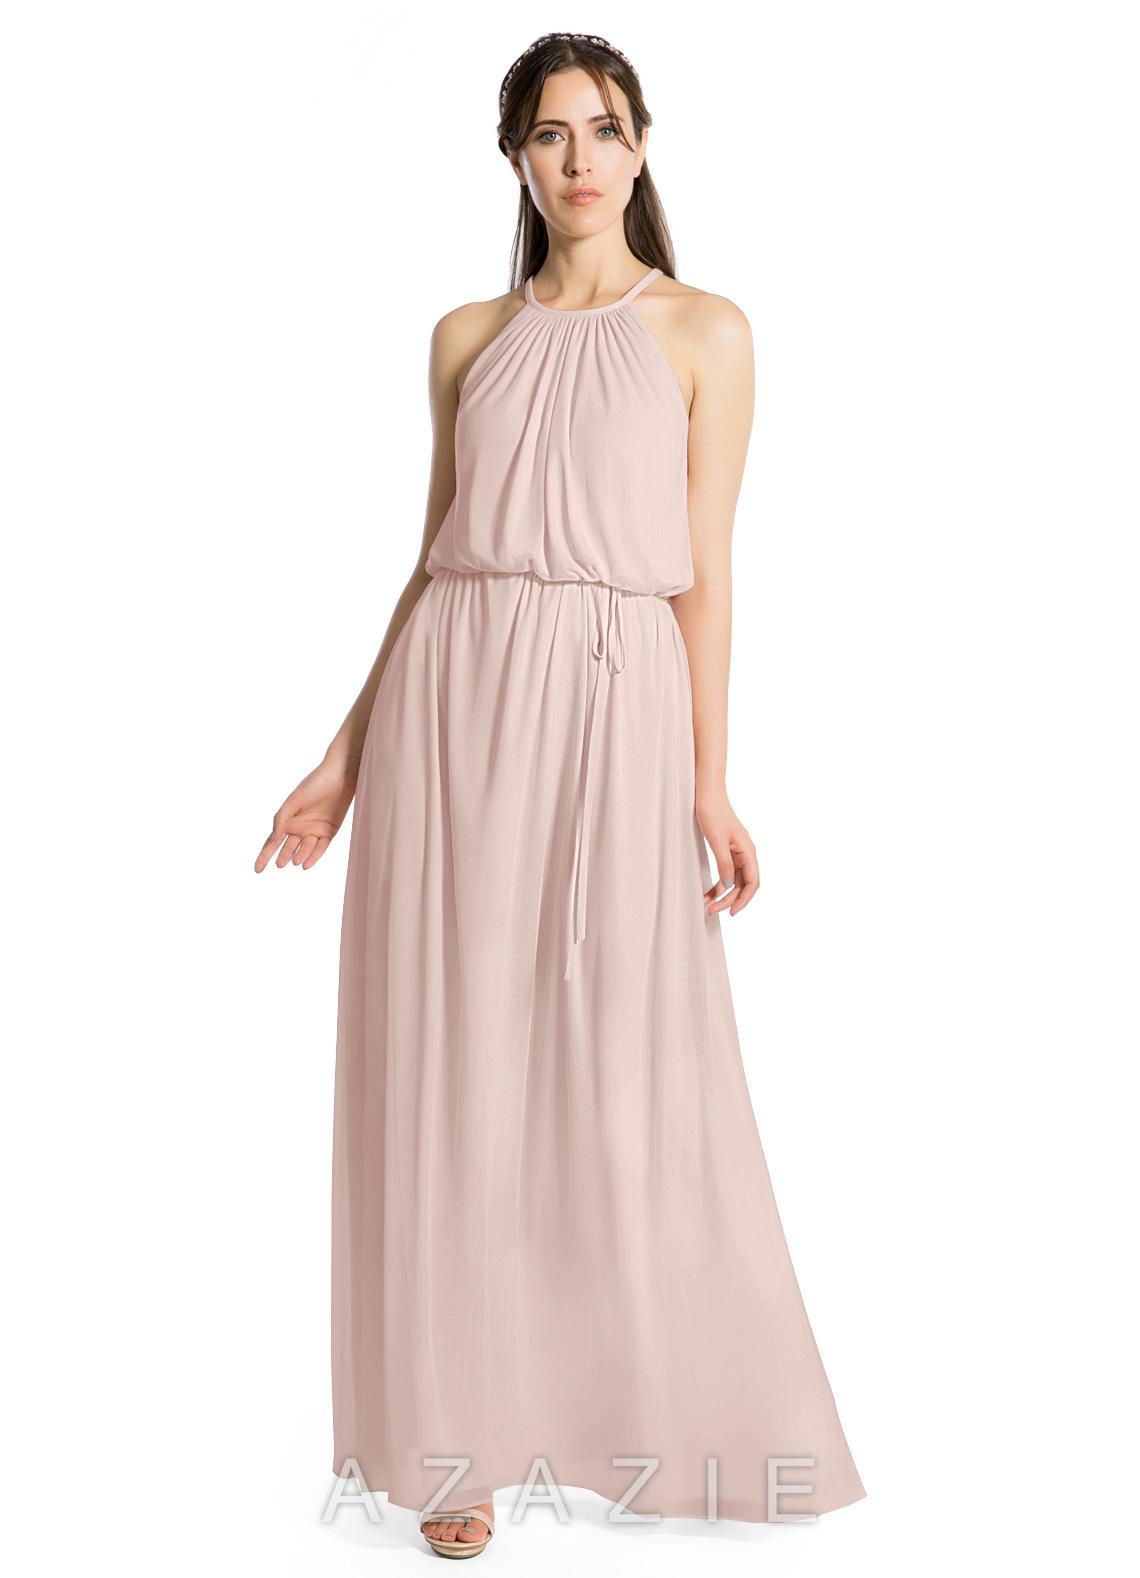 eaec931b4c Azazie Lizette Bridesmaid Dress